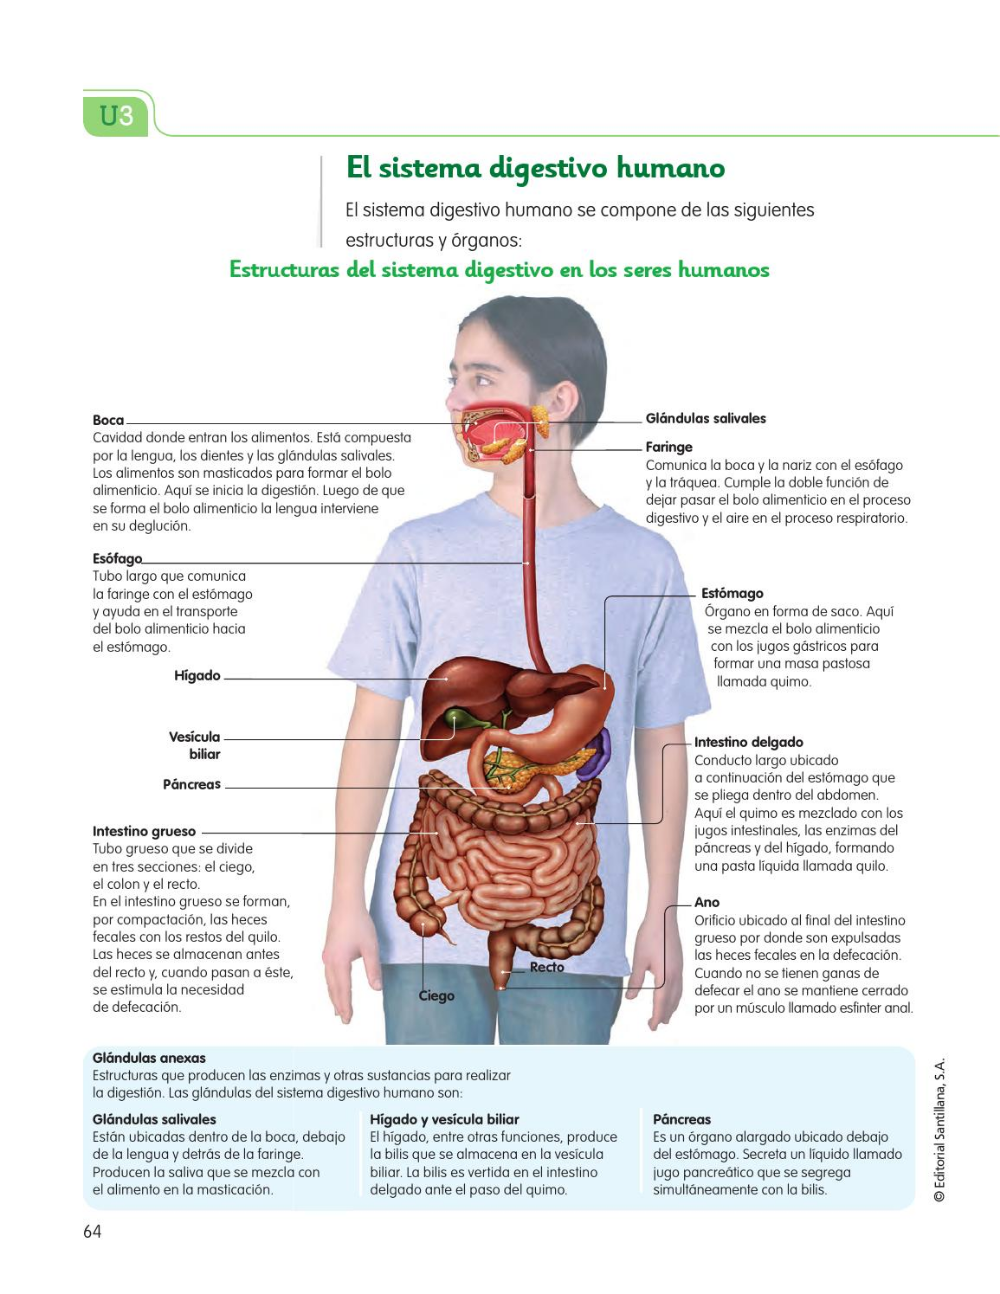 Aparato Digestivo Buscar Con Google Sistema Digestivo Humano Funciones De Nutricion Anatomia Y Fisiologia Humana